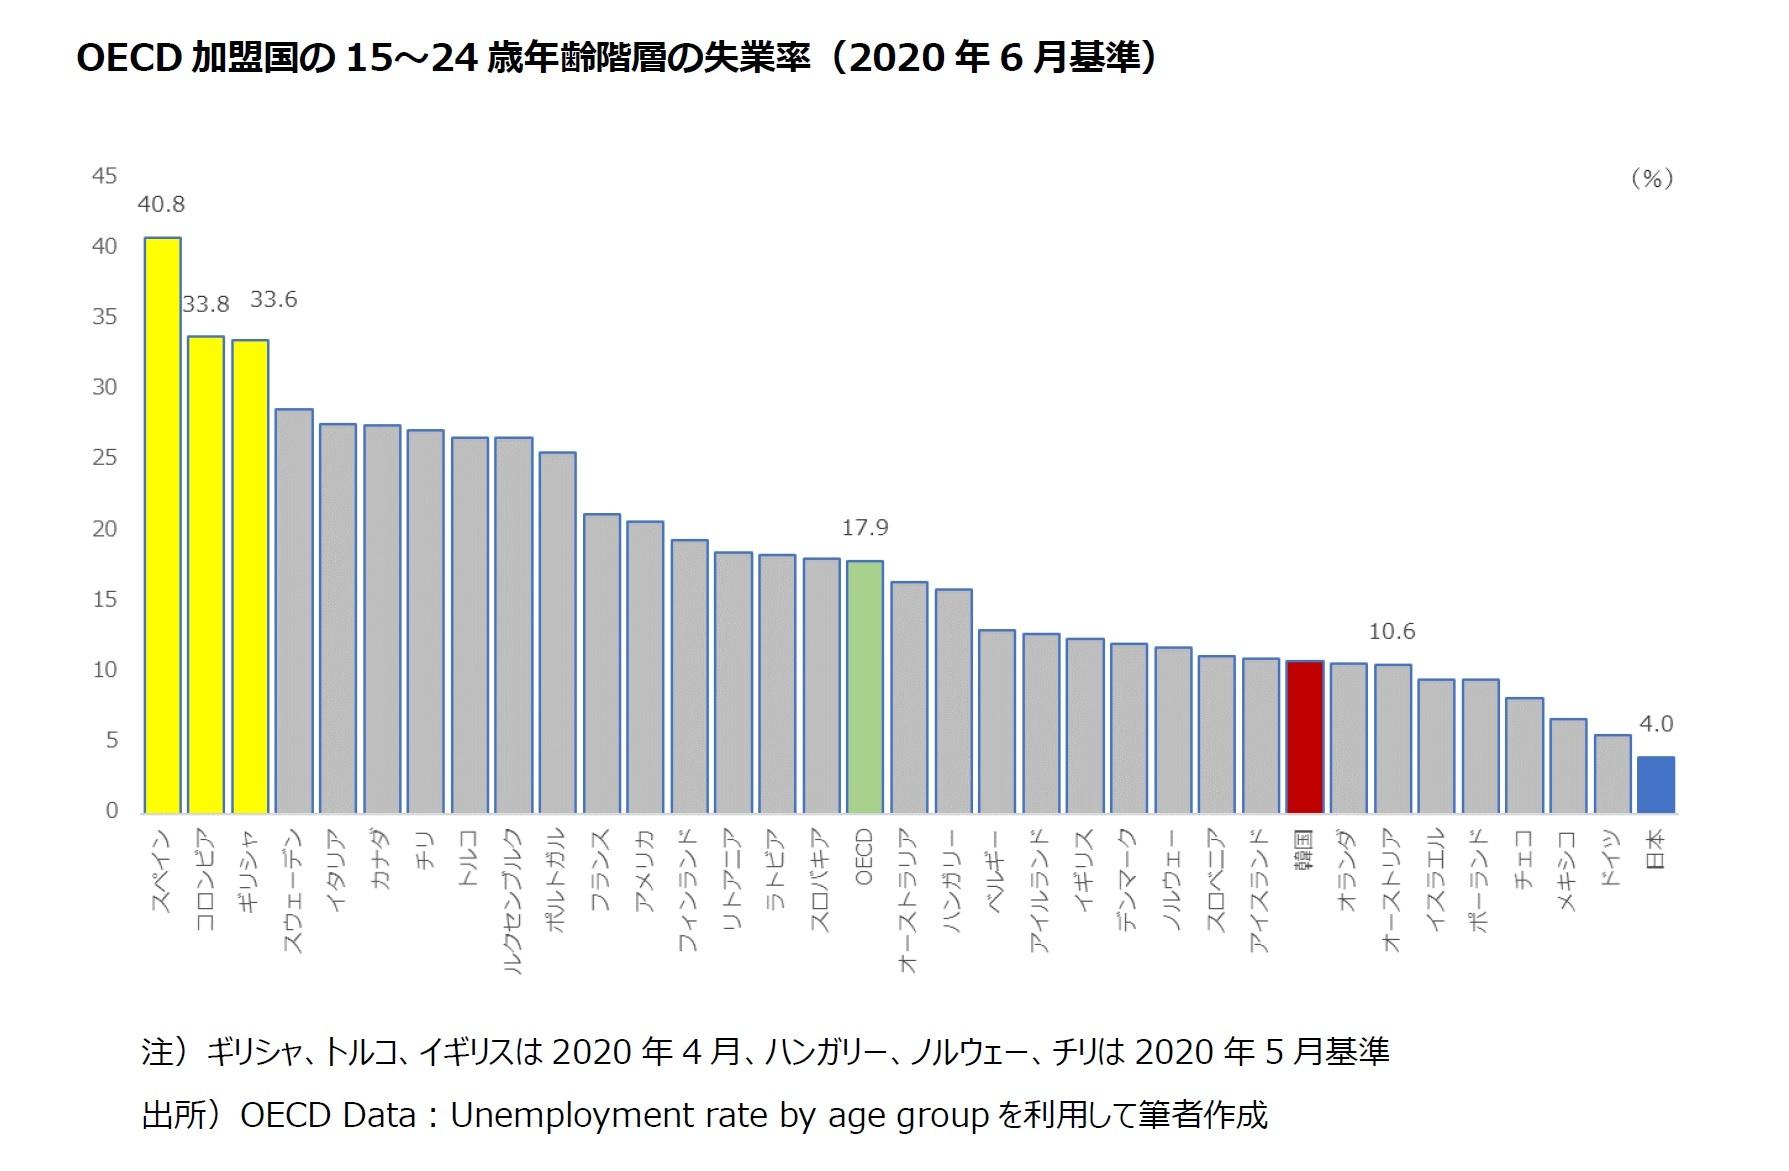 OECD 加盟国の15~24 歳年齢階層の失業率(2020 年6 月基準)